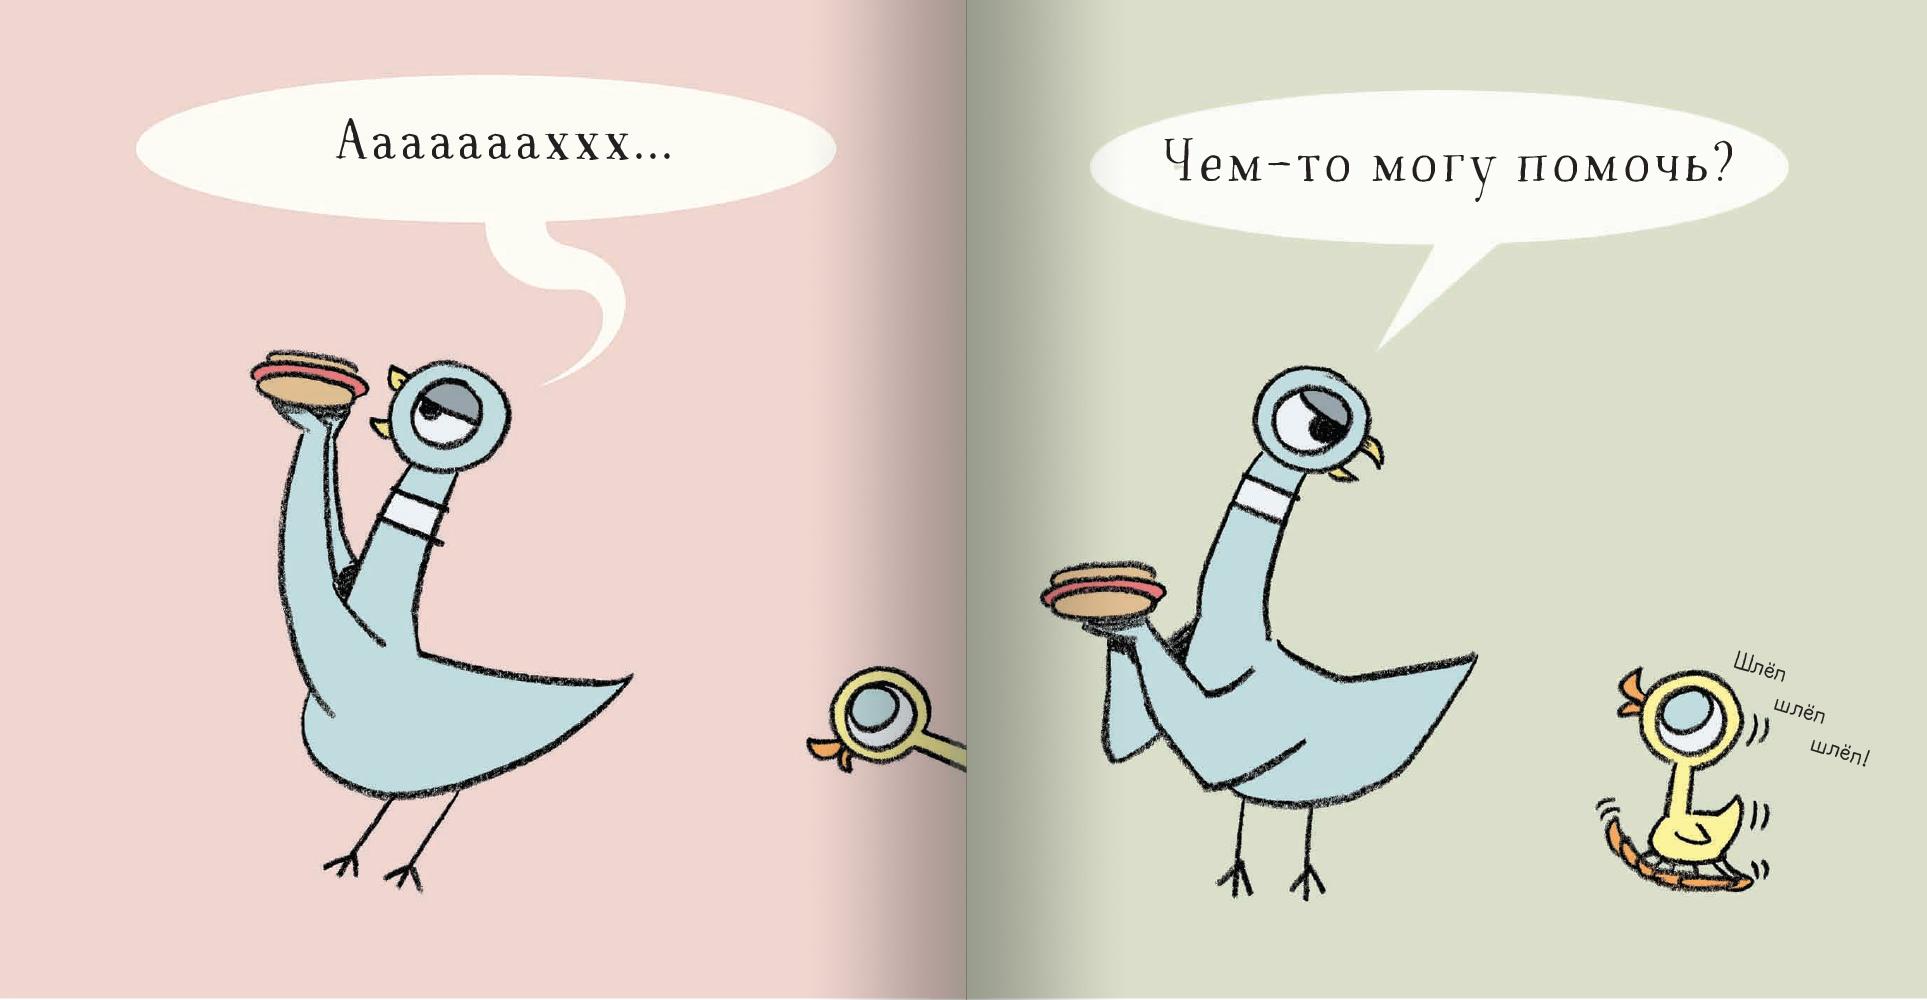 Мо Виллемс, голубь находит хот-дог